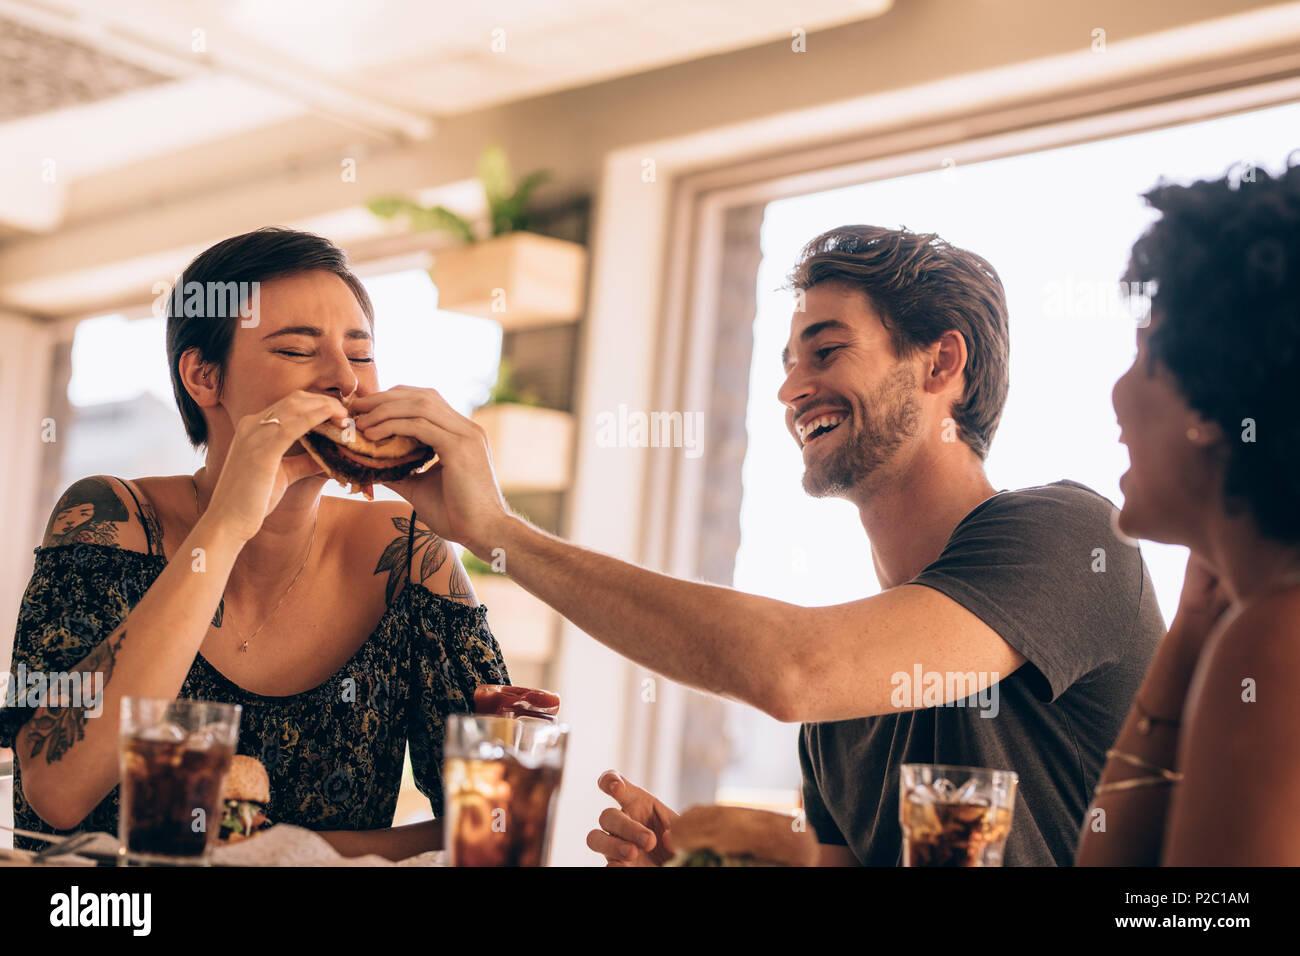 Donna prendendo un morso da amici burger presso il ristorante. Un gruppo di giovani aventi il cibo in un ristorante. Immagini Stock